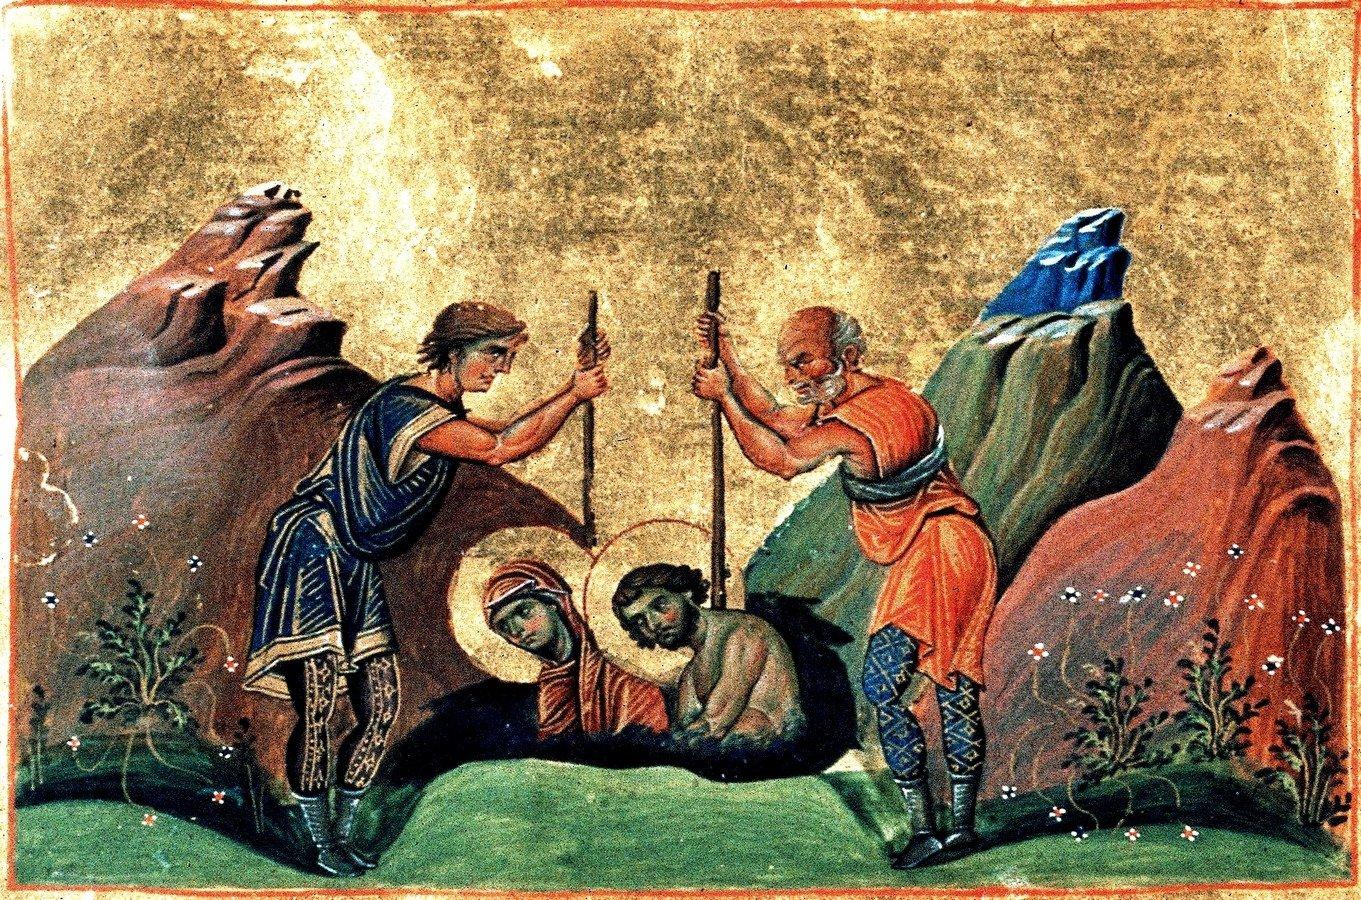 Мученичество Святых Хрисанфа и Дарии. Миниатюра Минология (месяцеслова) императора Василия II. Византия, 985 год.